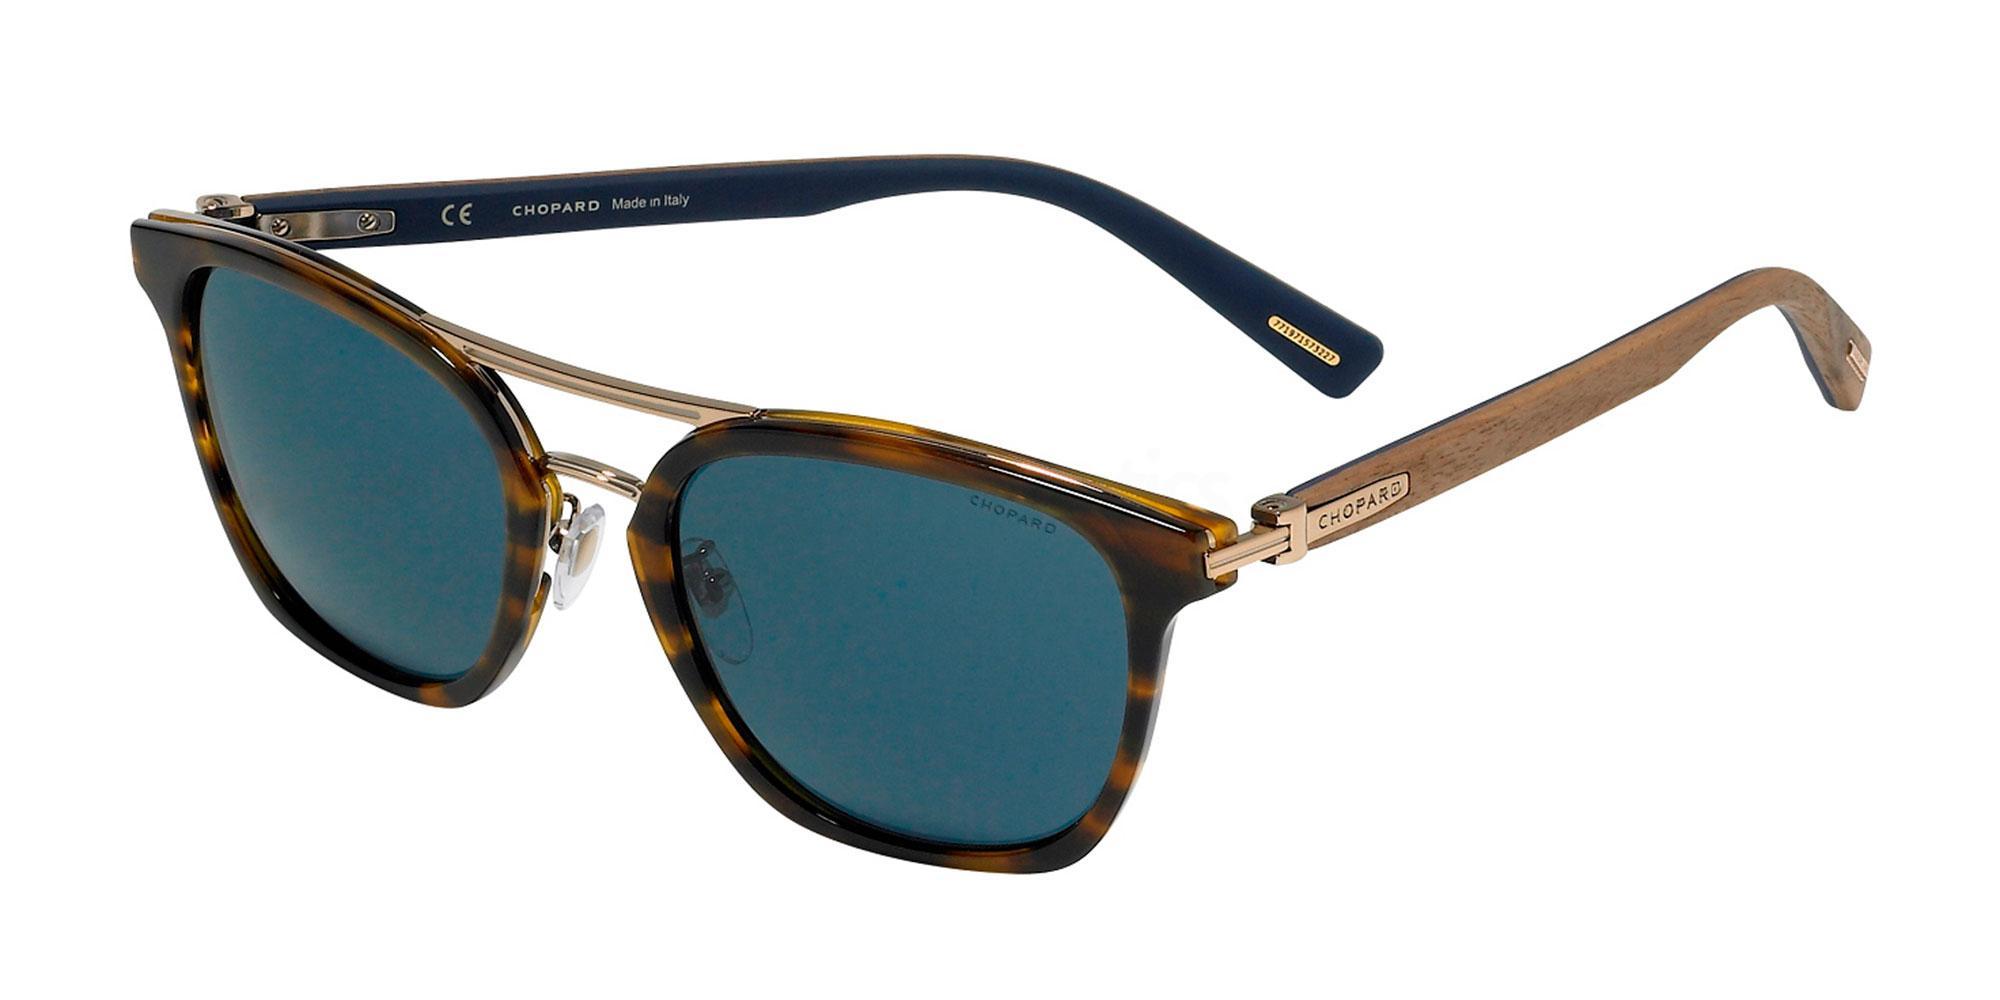 9FMP SCHC91 Sunglasses, Chopard